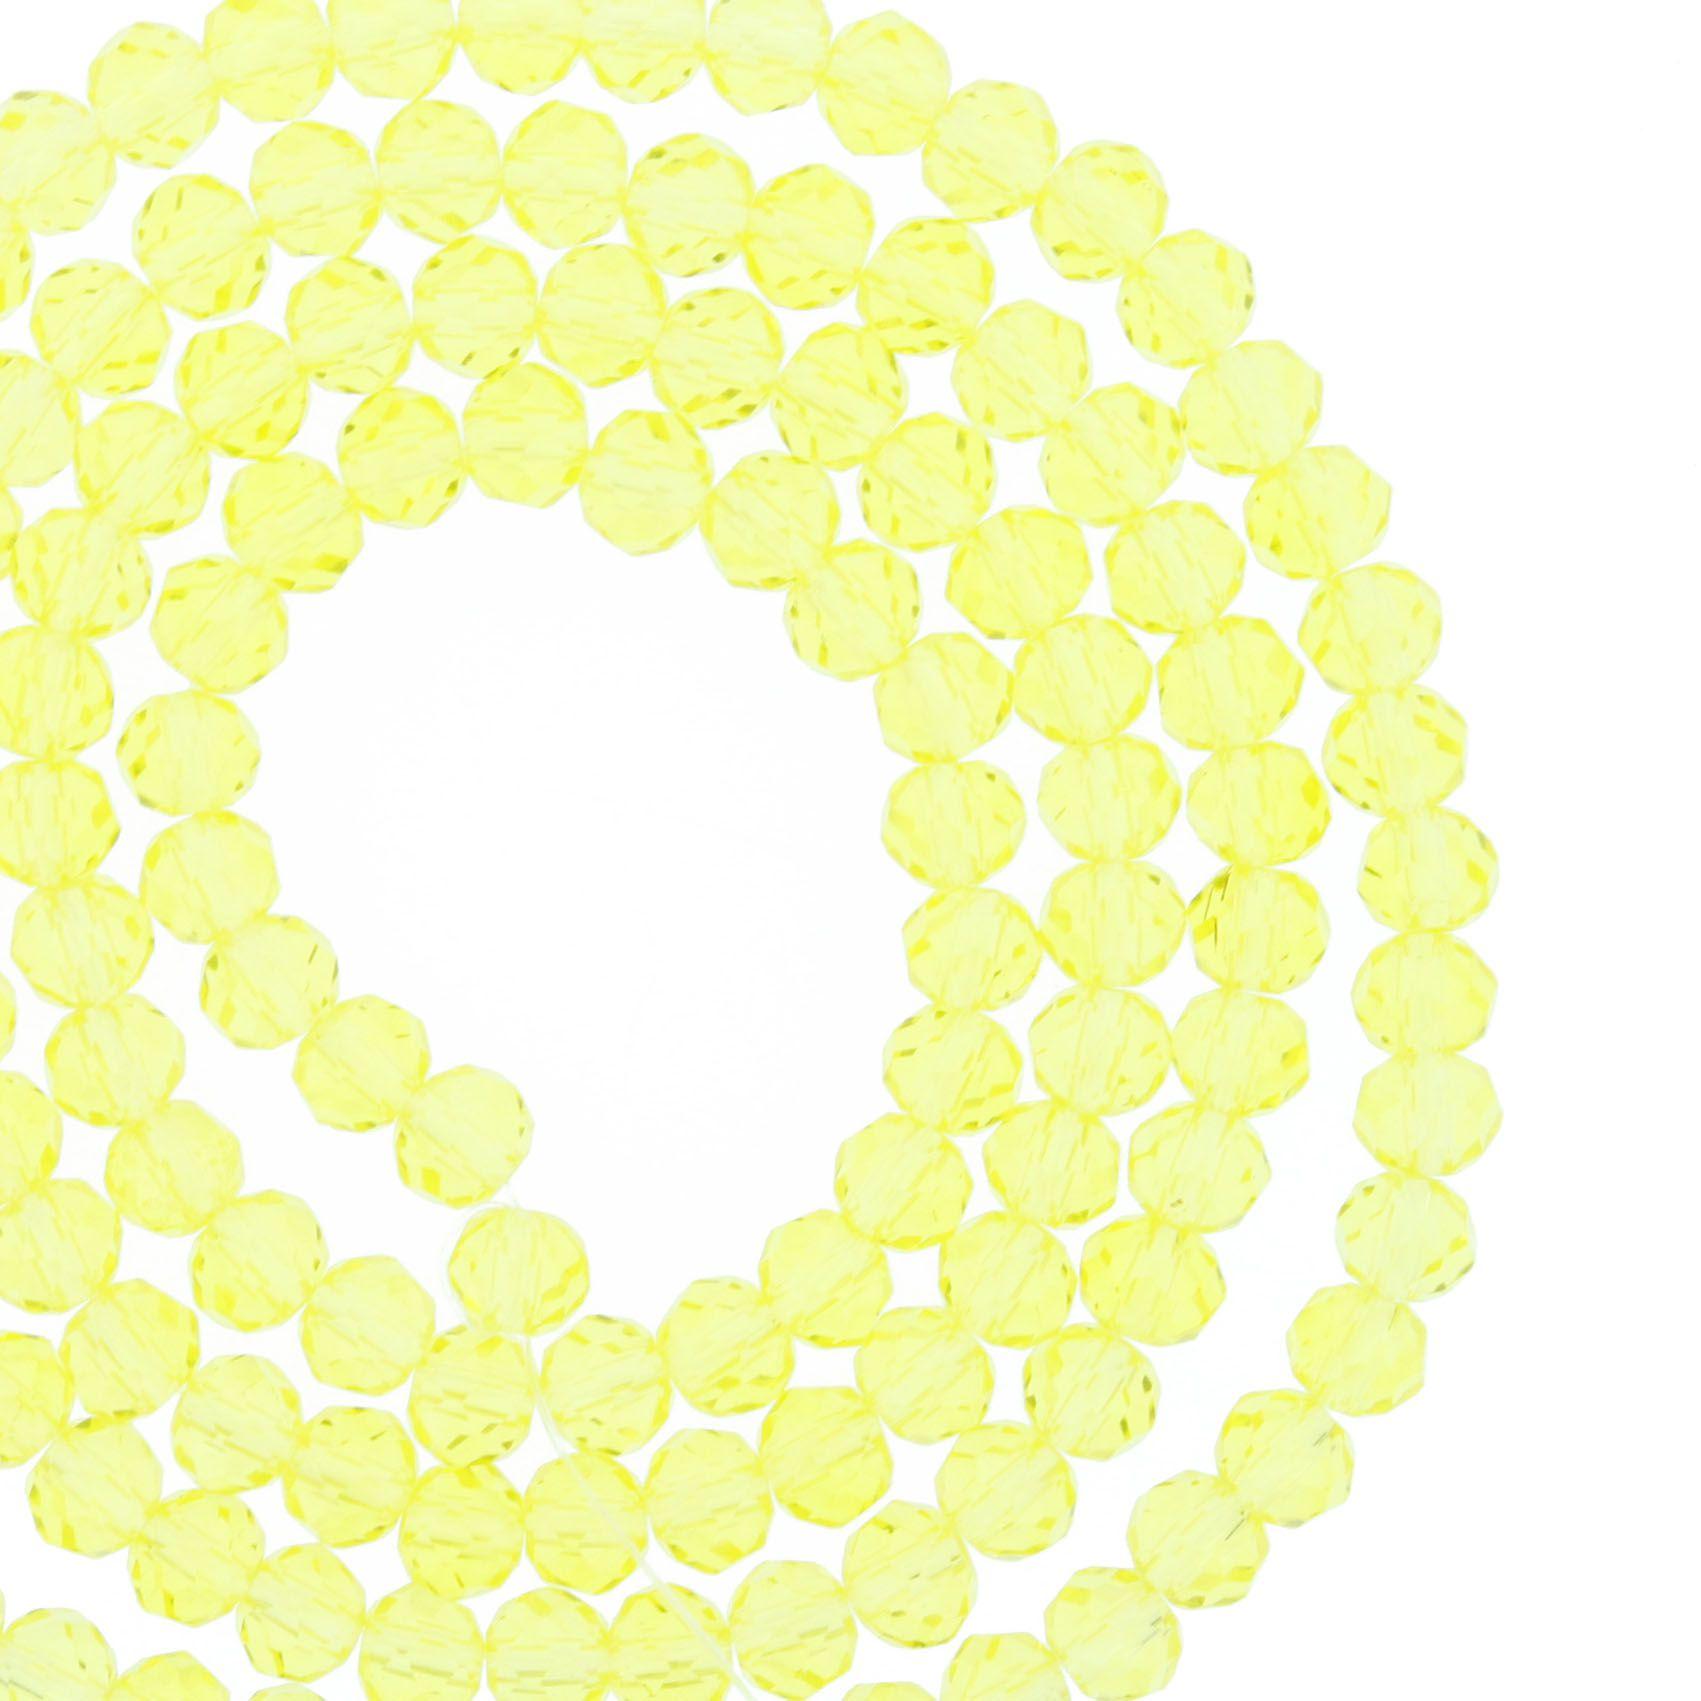 Fio de Cristal - Flat® - Amarelo Claro Transparente - 4mm  - Stéphanie Bijoux® - Peças para Bijuterias e Artesanato